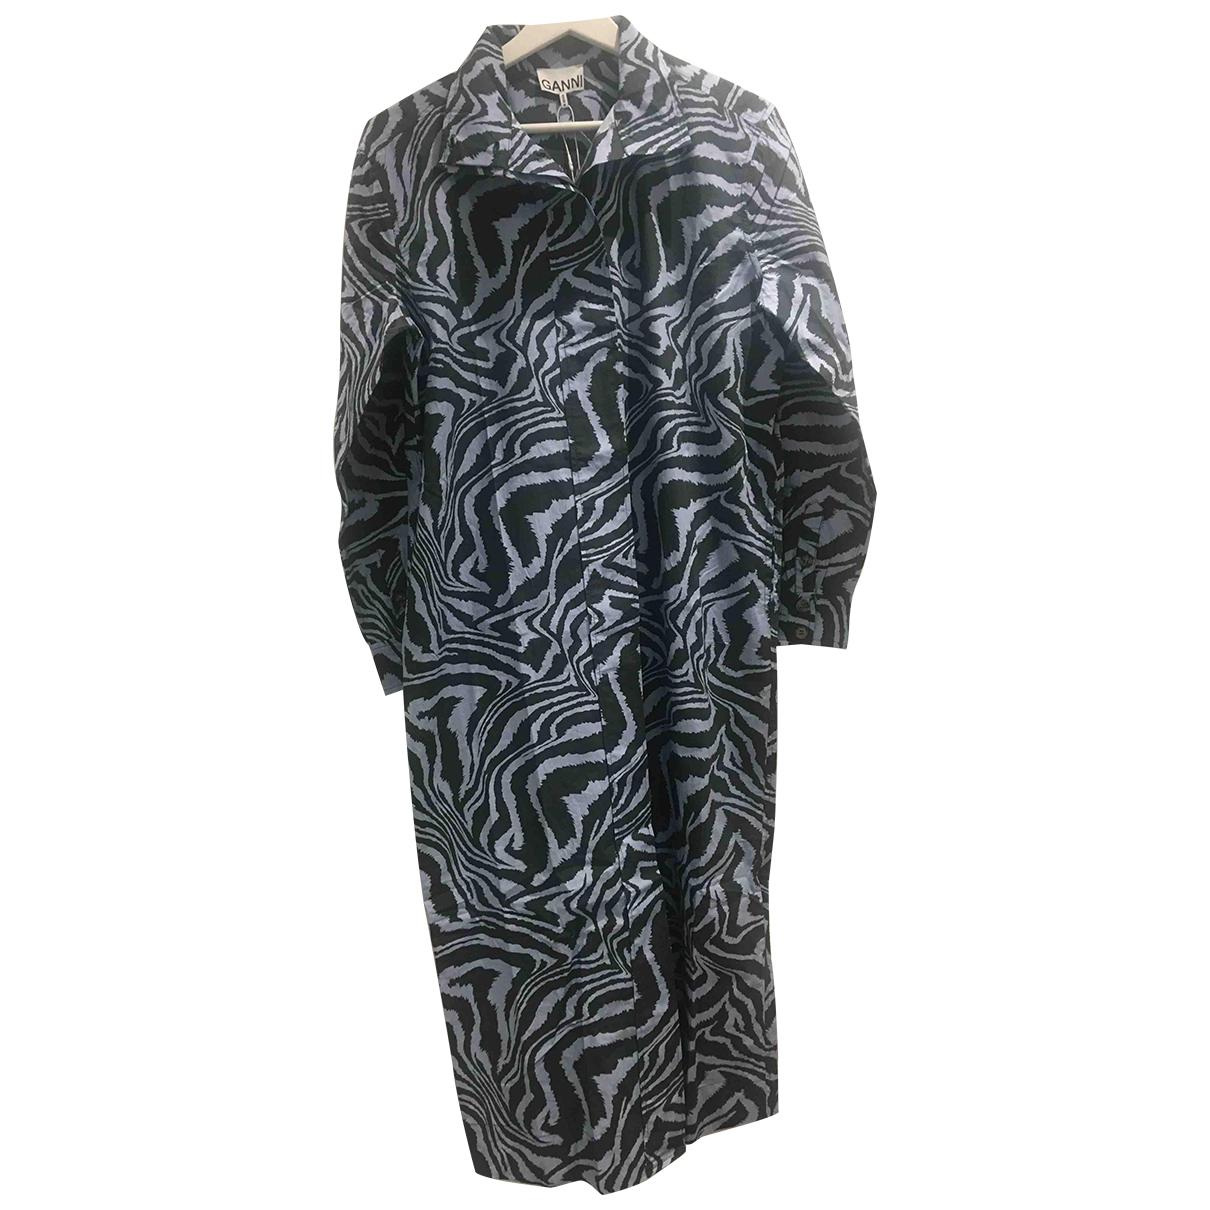 Ganni Spring Summer 2020 Kleid in Baumwolle